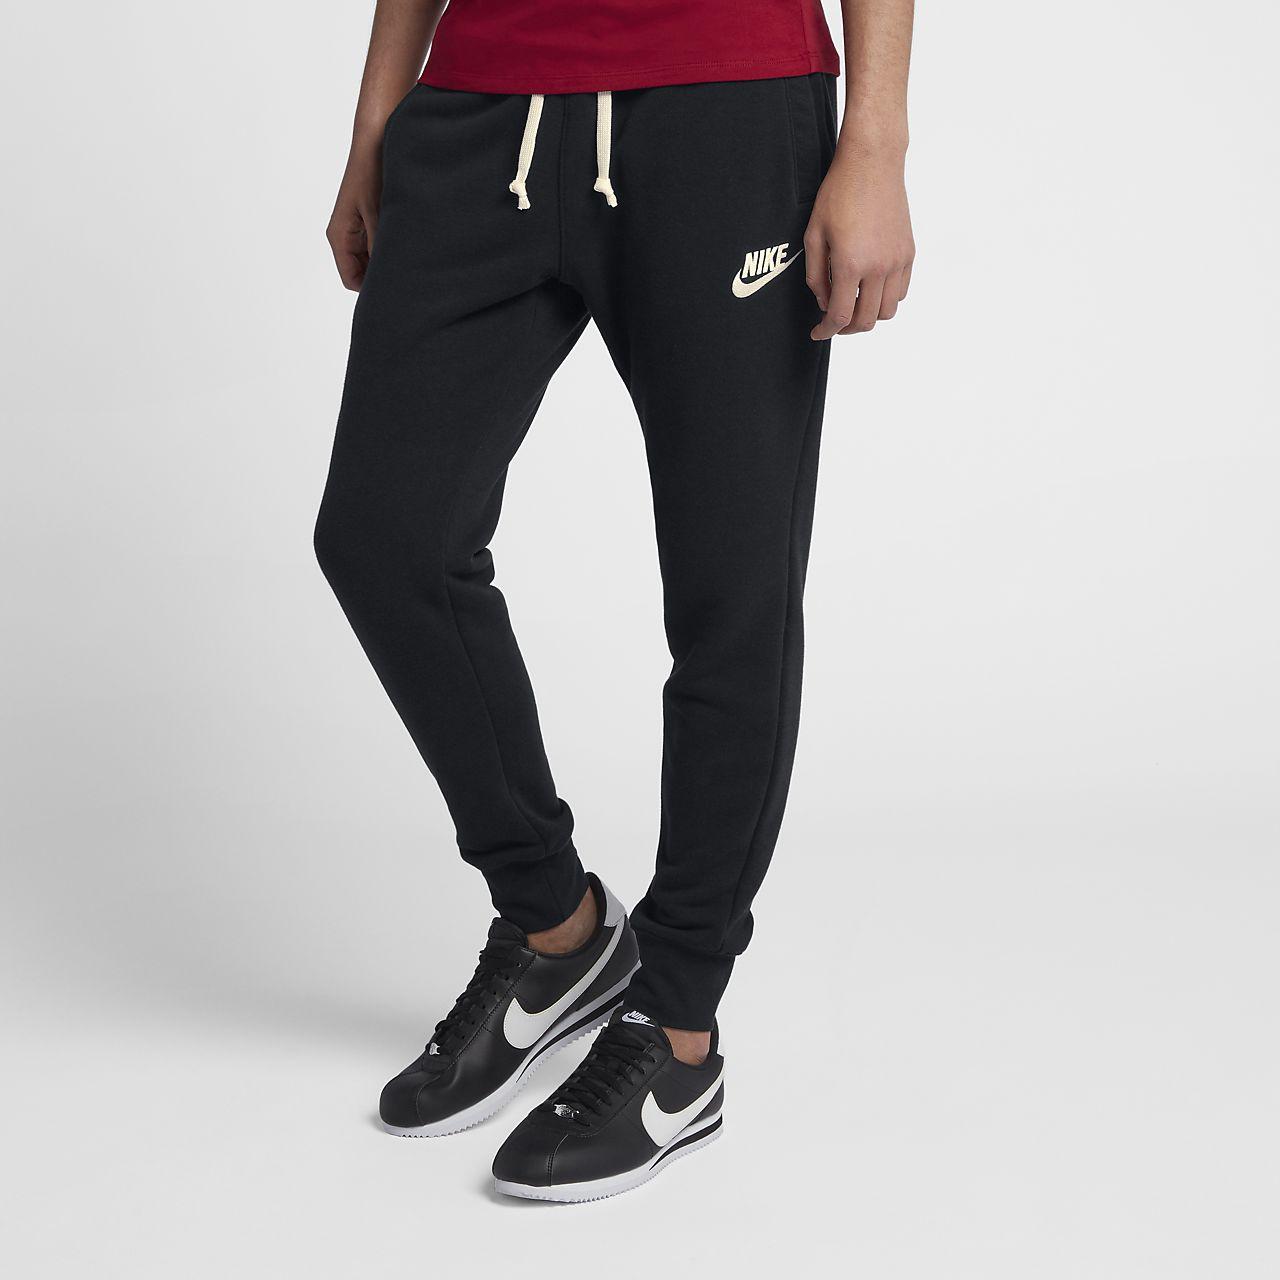 2442a86b Low Resolution Nike Sportswear Heritage Men's Joggers Nike Sportswear  Heritage Men's Joggers